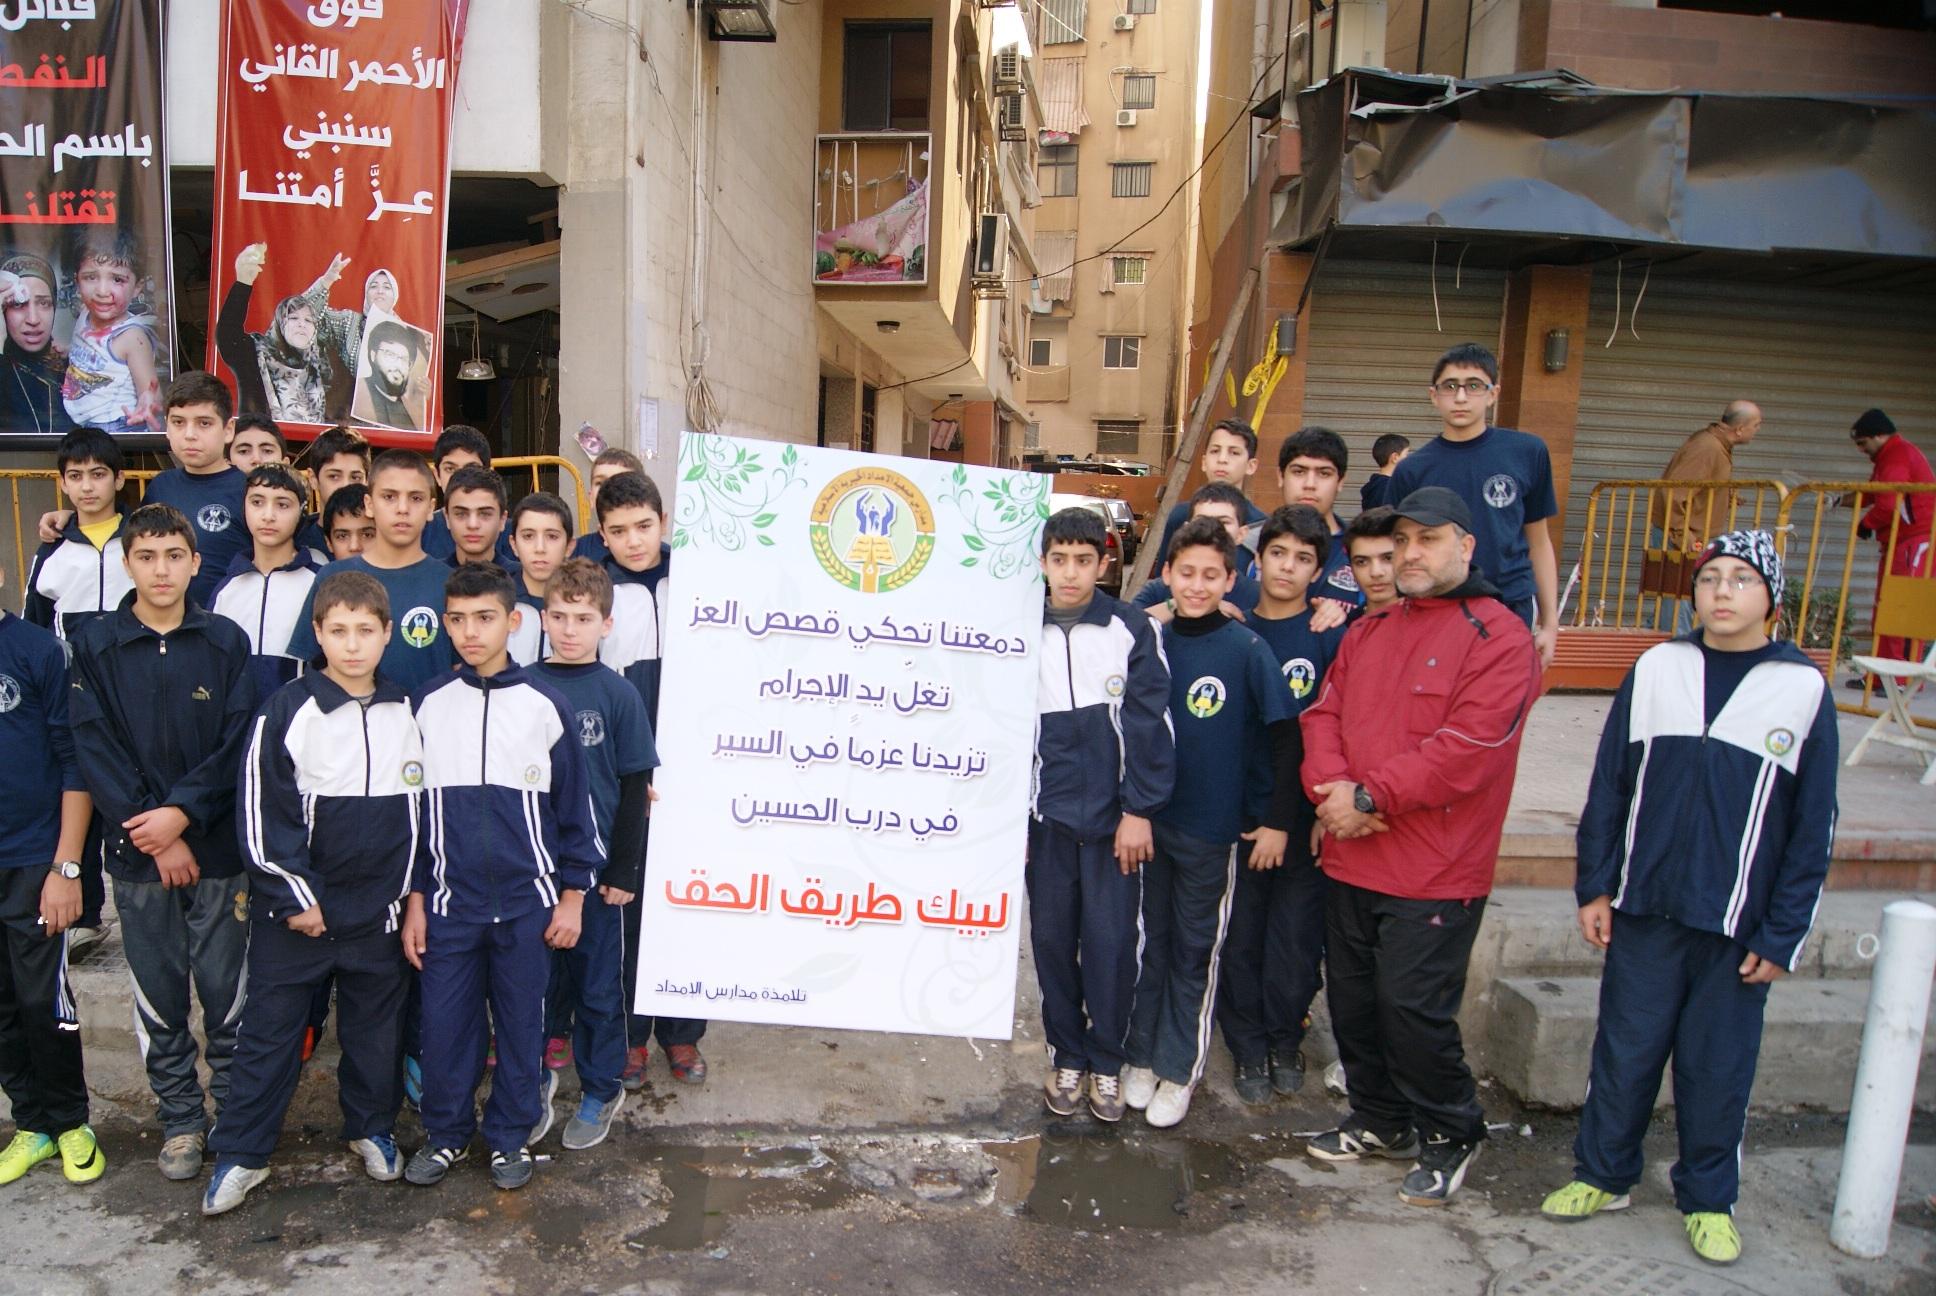 طلاب مدارس الإمداد يعزون زملاءهم في مدرستي الكوثر والمصطفى (ص)